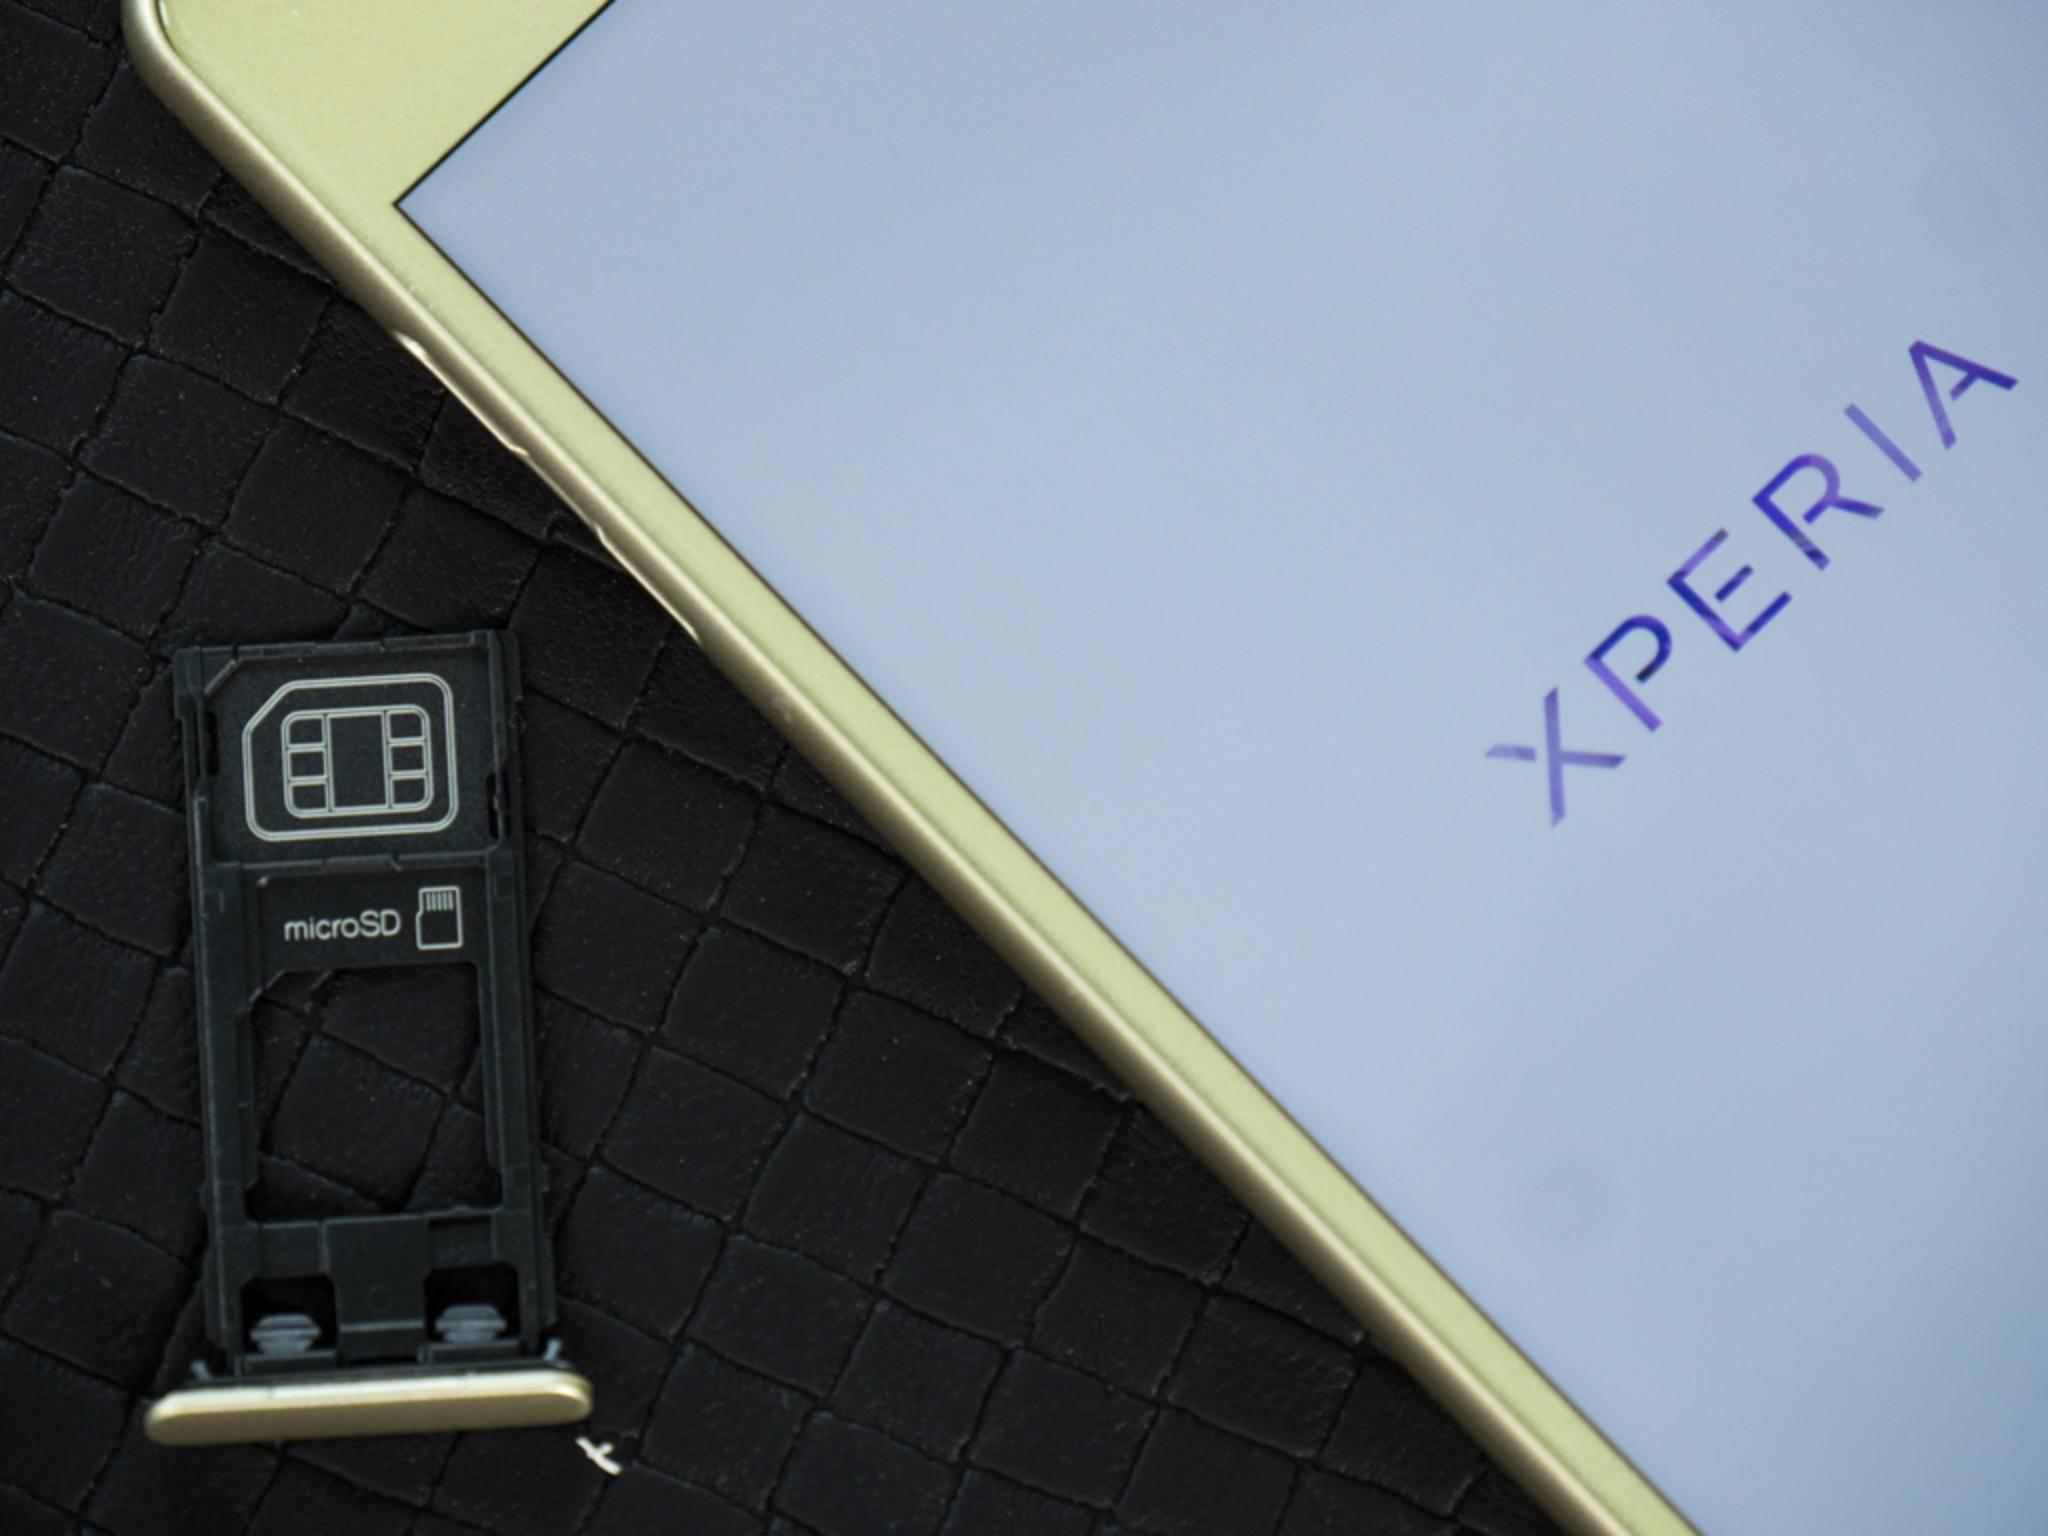 Der interne Speicher kann per microSD erweitert werden.